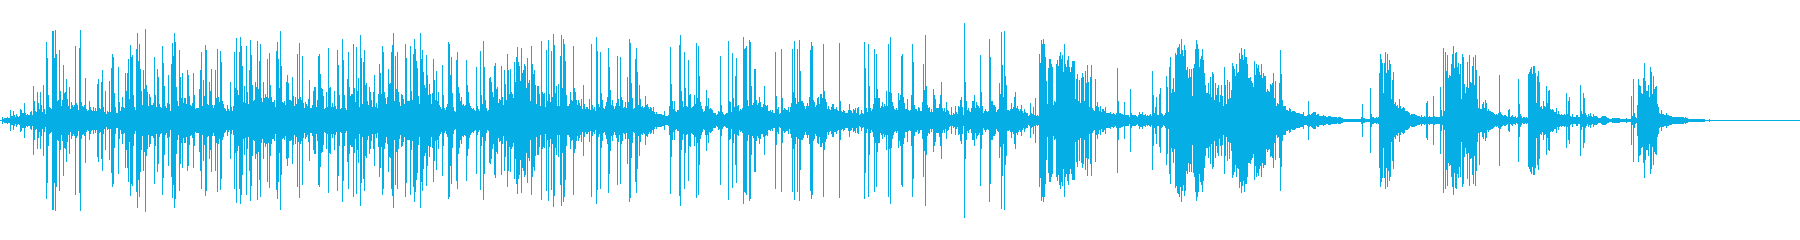 花火-ロケット7の再生済みの波形